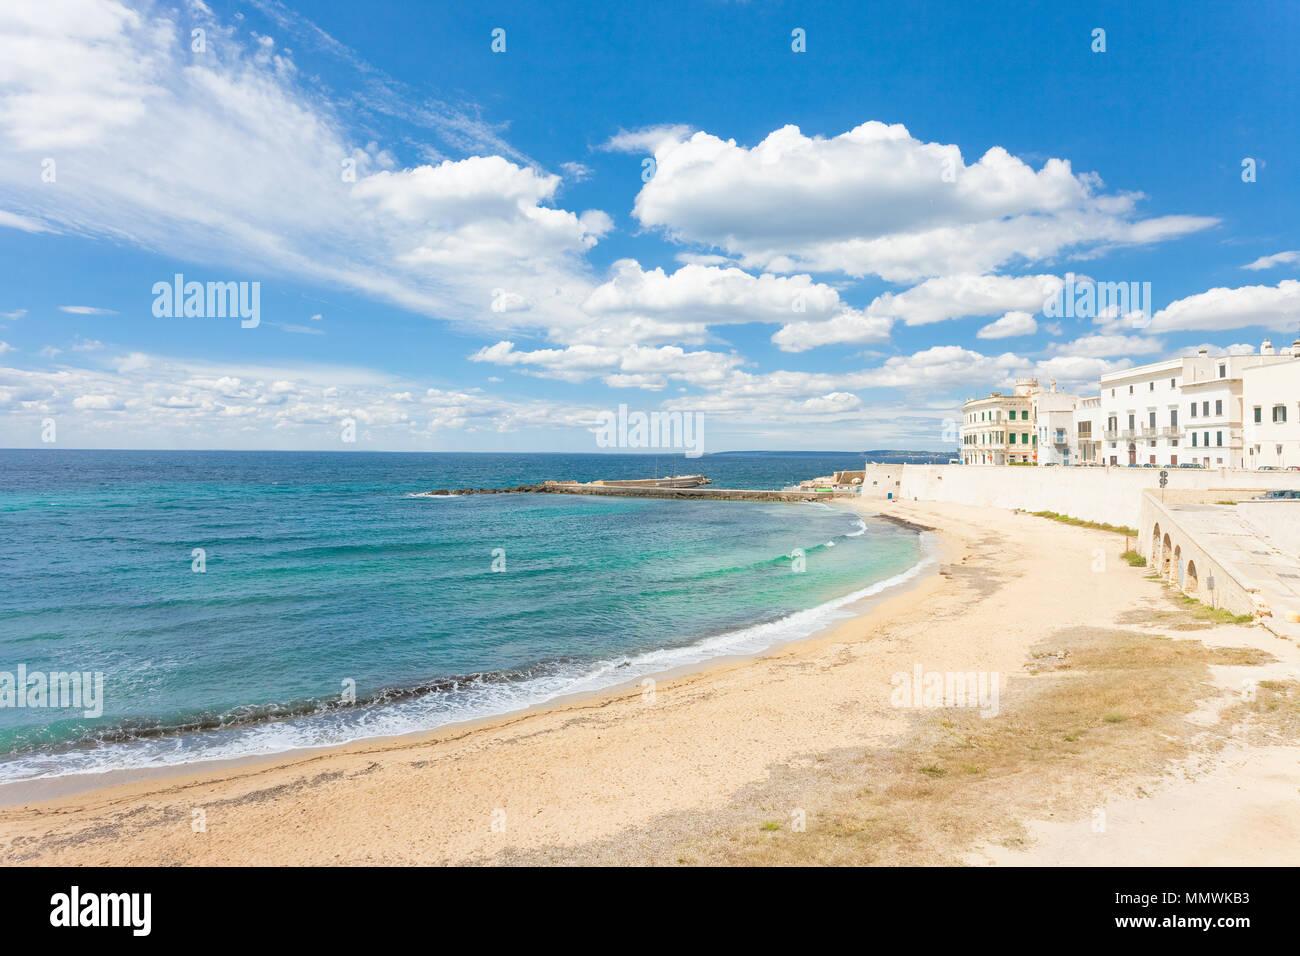 Gallipoli, Apulien, Italien - Sonnenschein am breiten Strand von Gallipoli Stockfoto